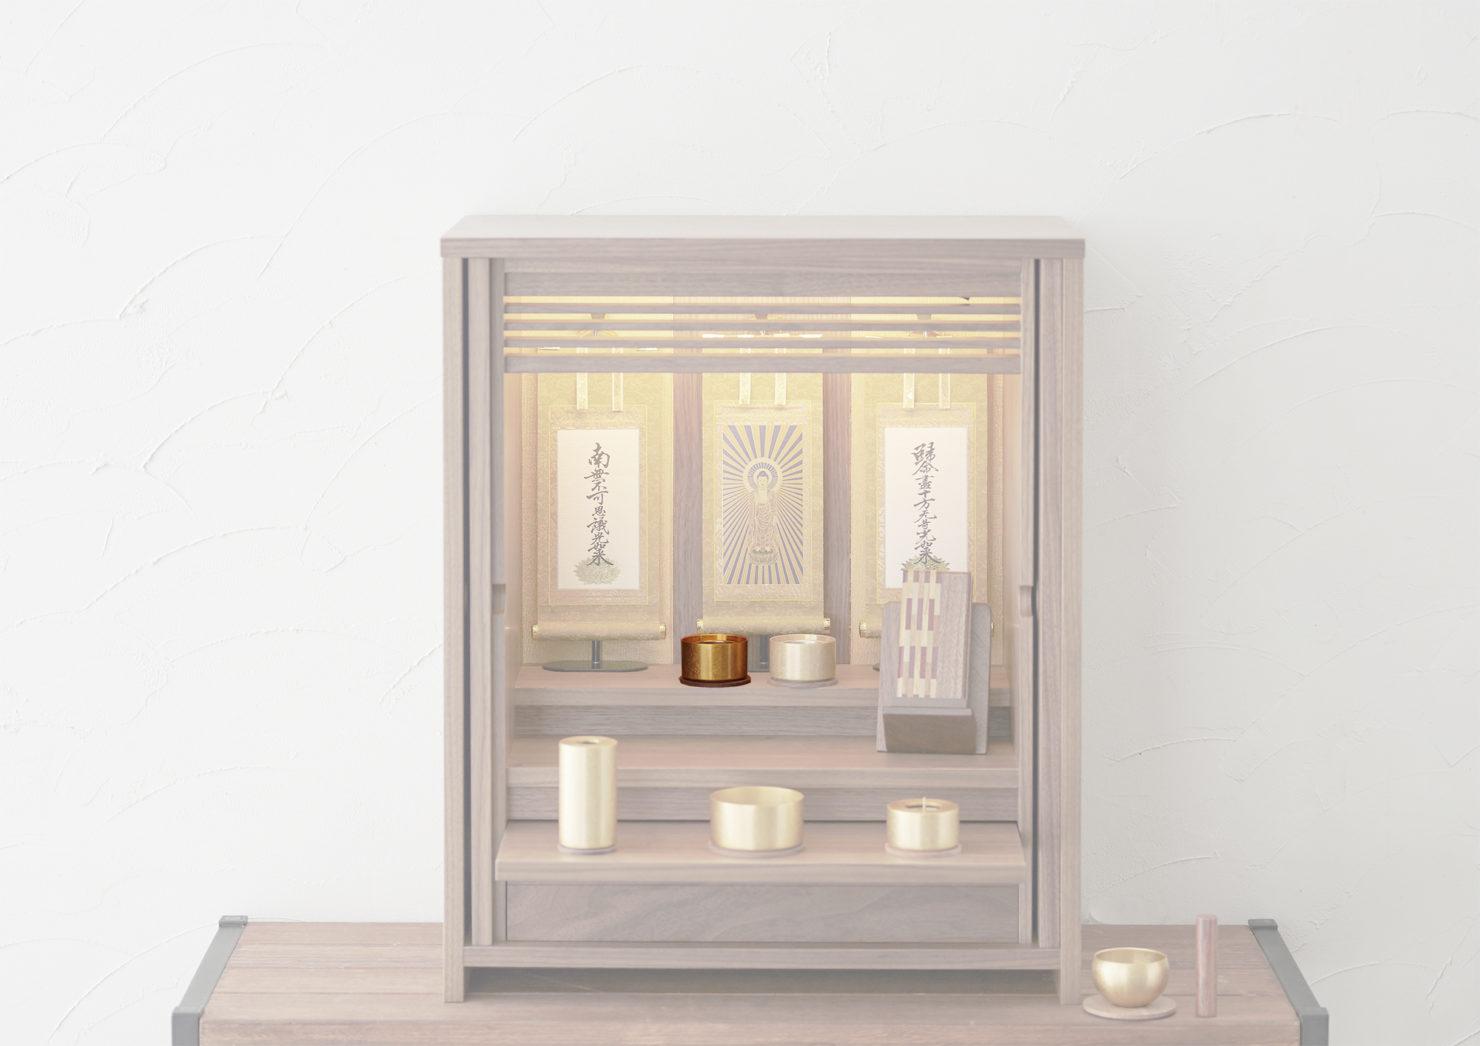 浄土真宗の仏壇の飾り方では、お茶やお水は供えない